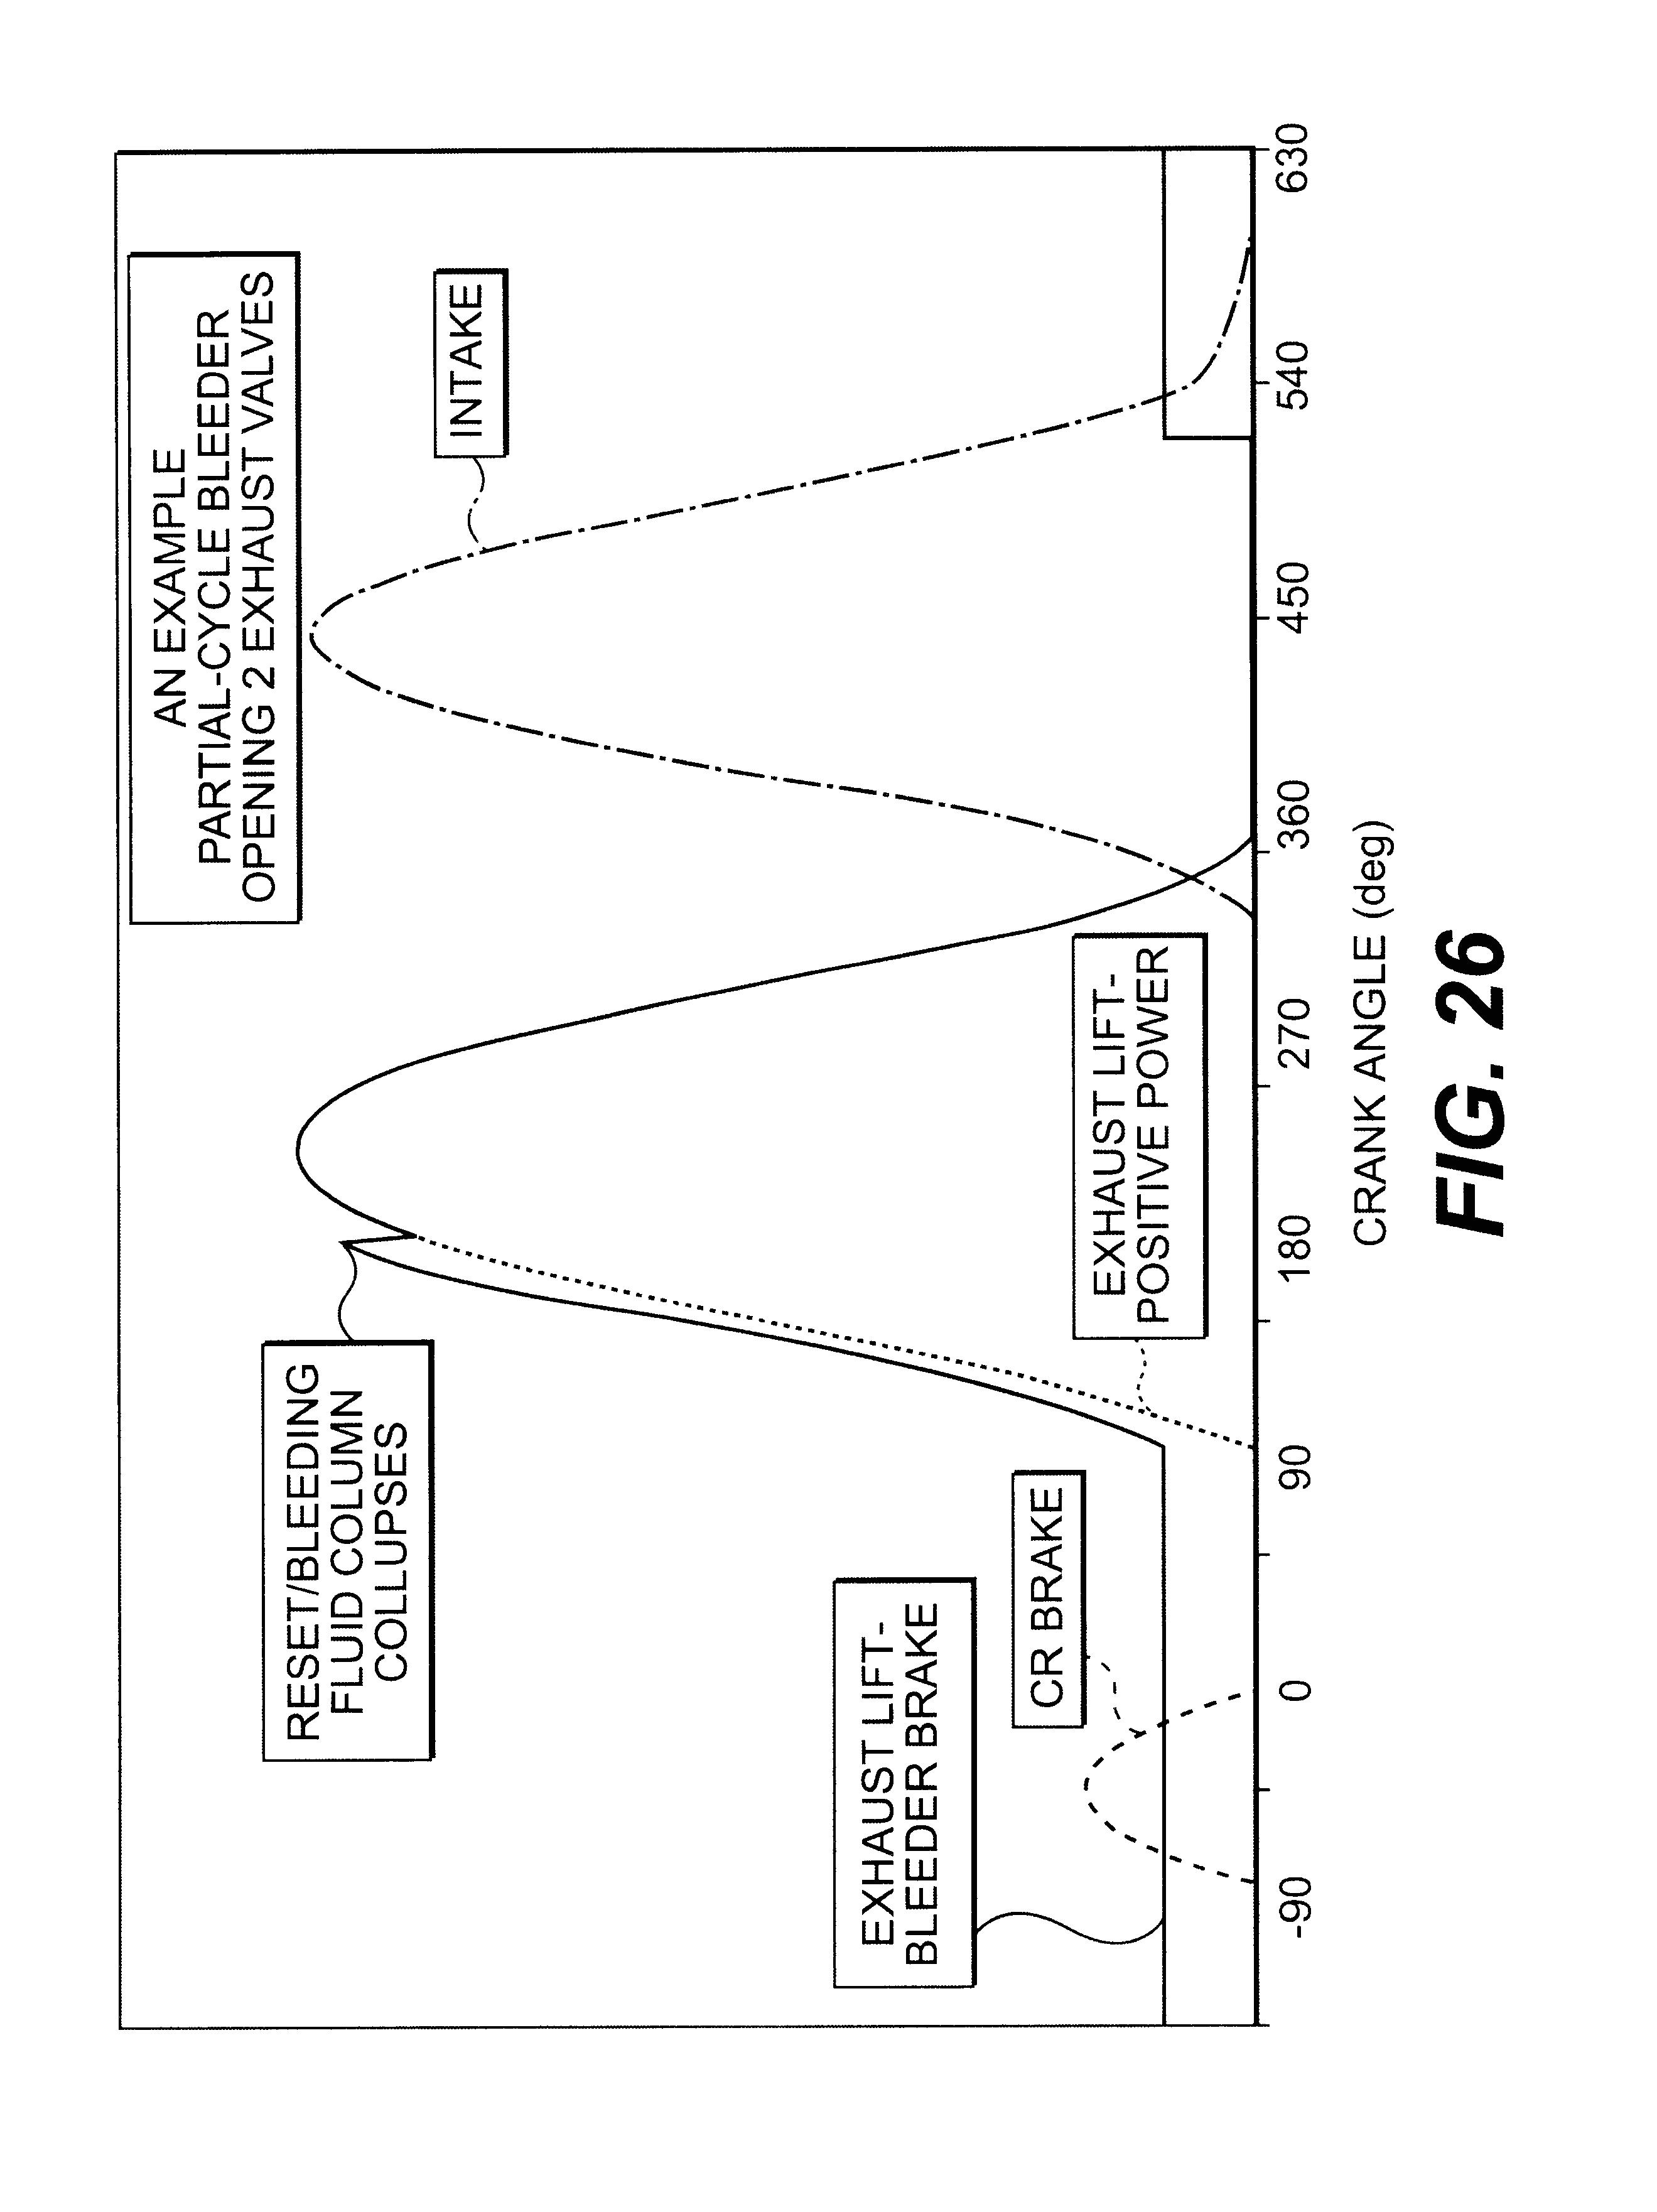 isuzu npr exhaust brake wiring diagram